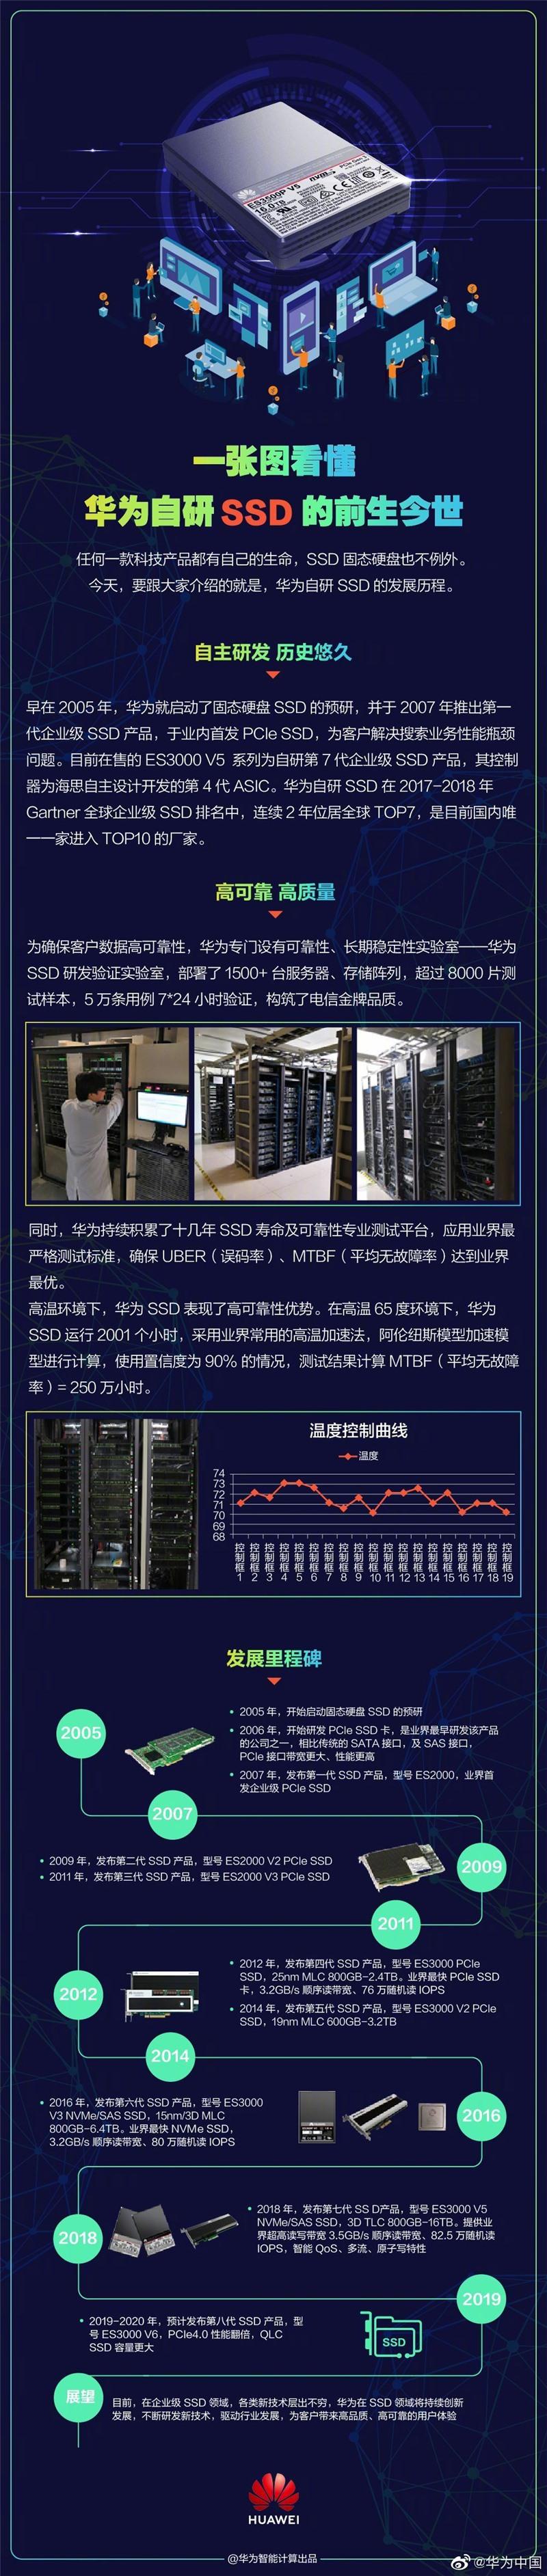 一图看懂华为自研SSD的前生今世